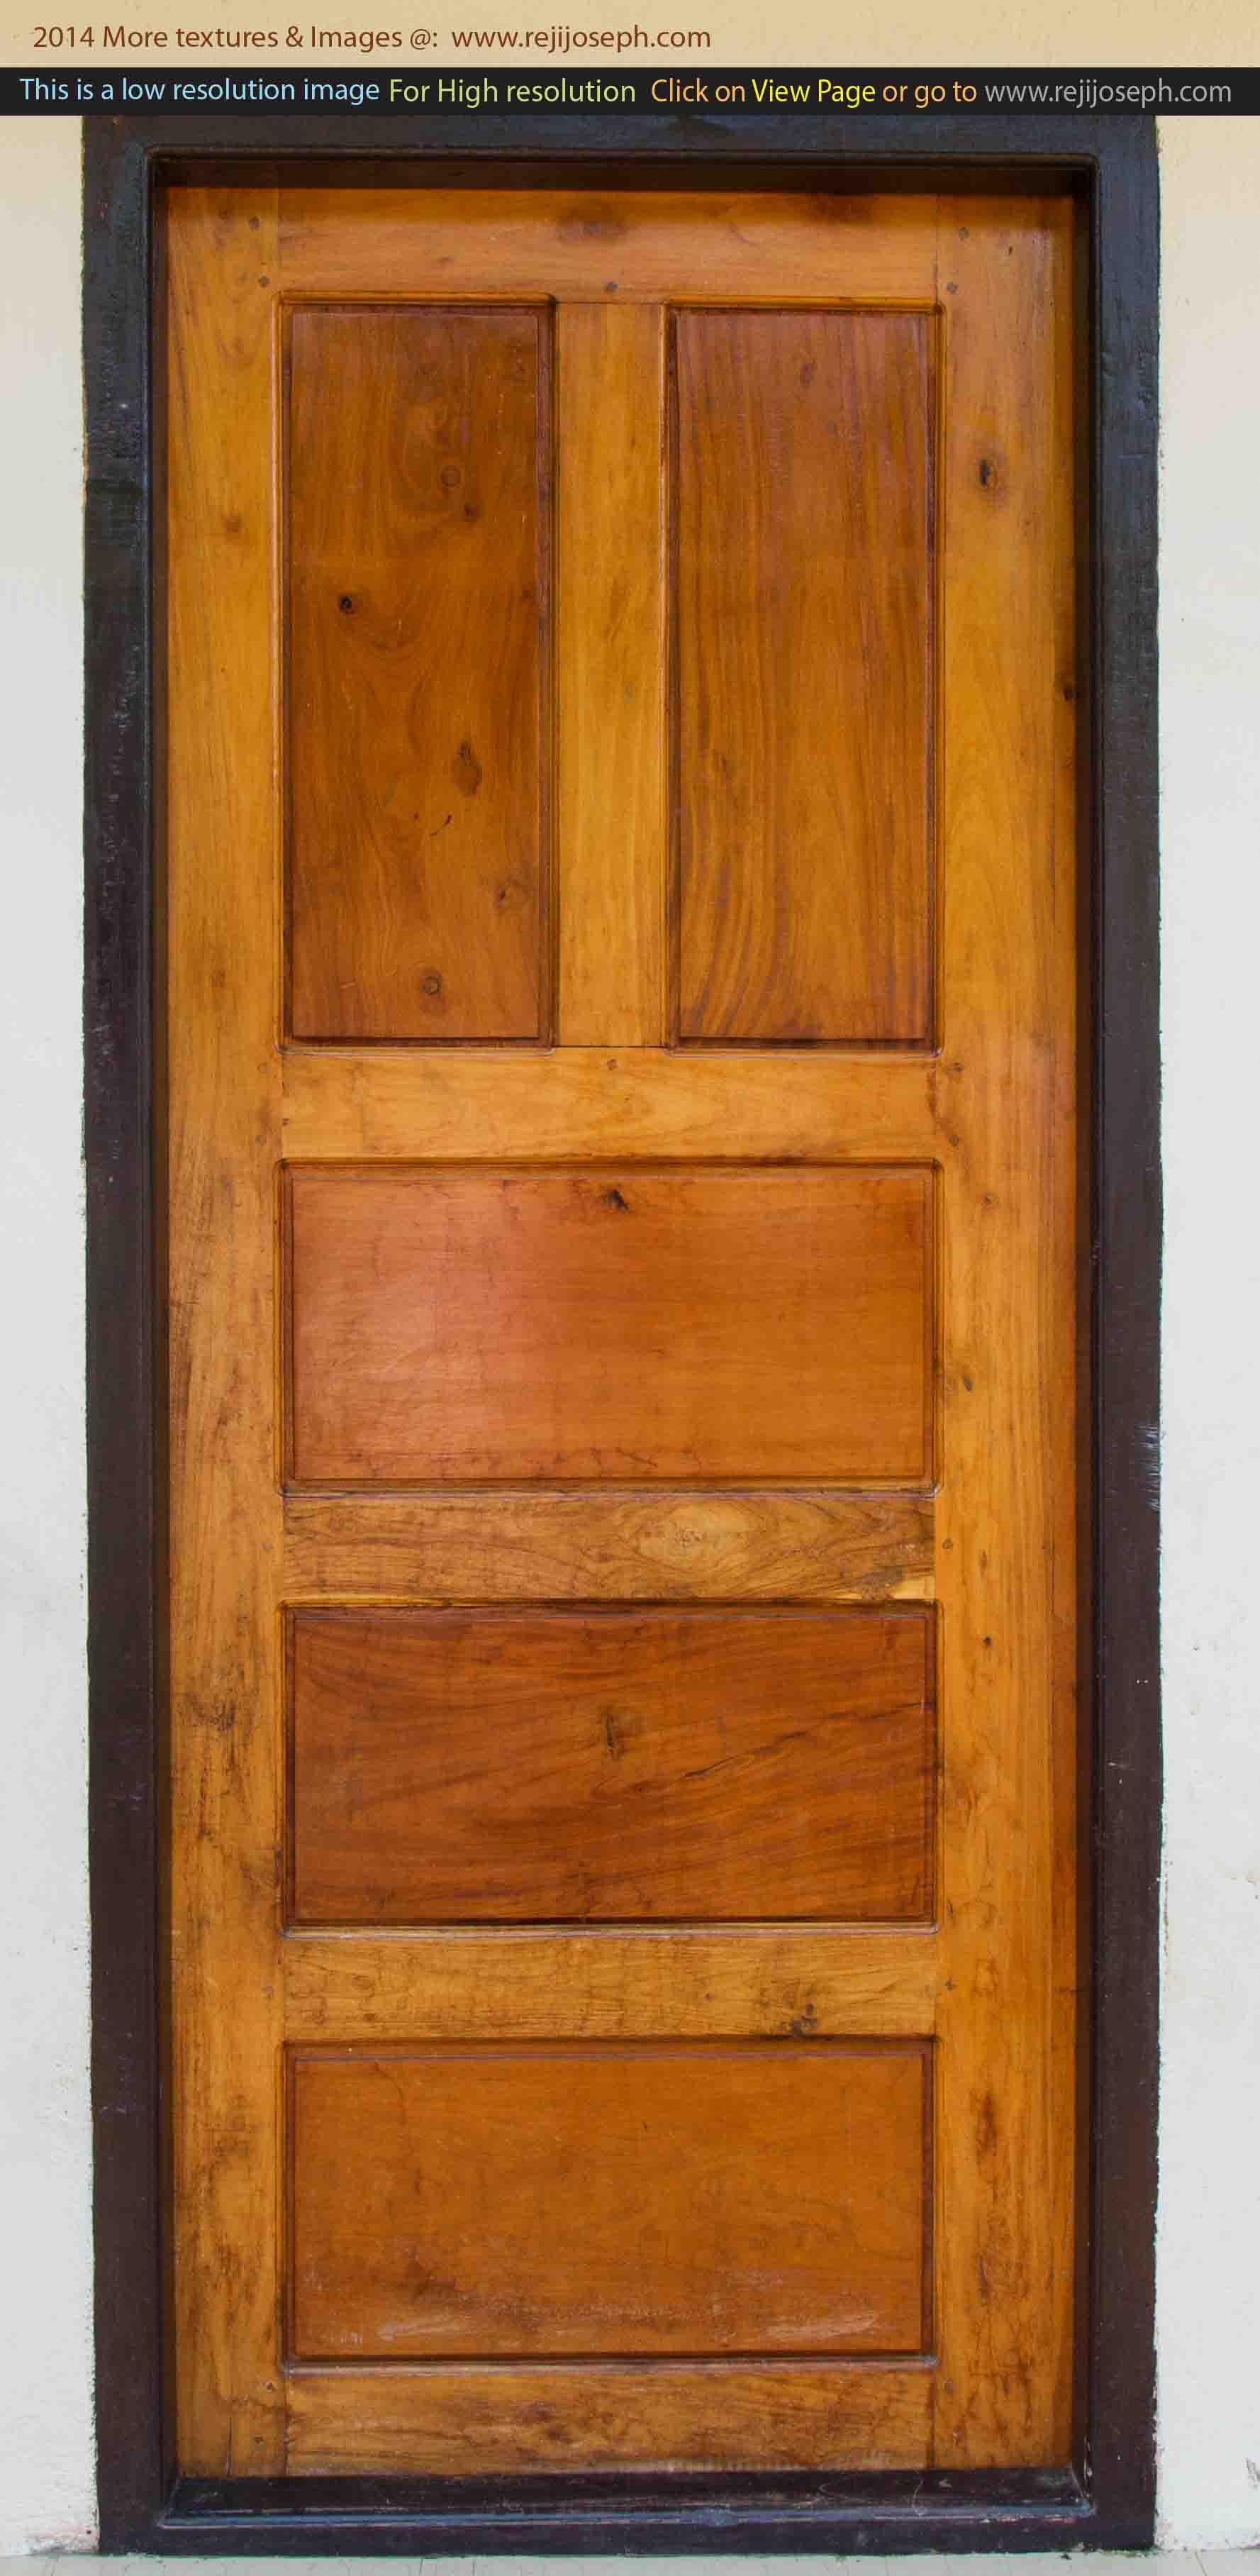 Wooden door texture 00003